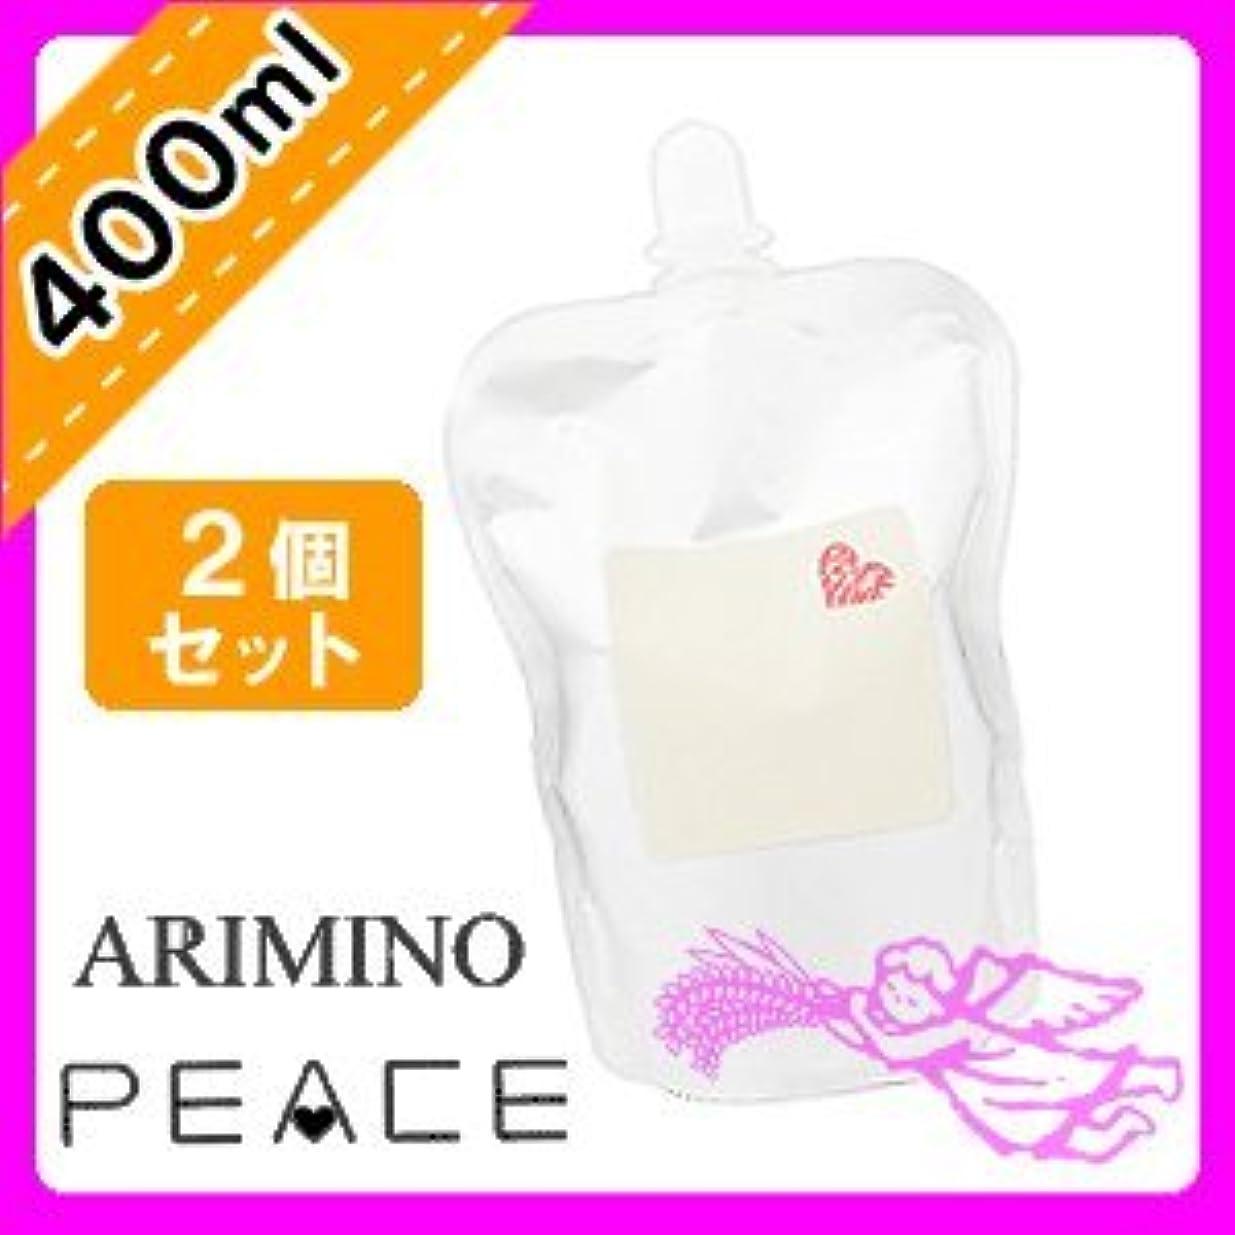 外交円周驚かすアリミノ ピース ホイップワックス ナチュラルウェーブ ホイップ400mL ×2個 セット詰め替え用 arimino PEACE